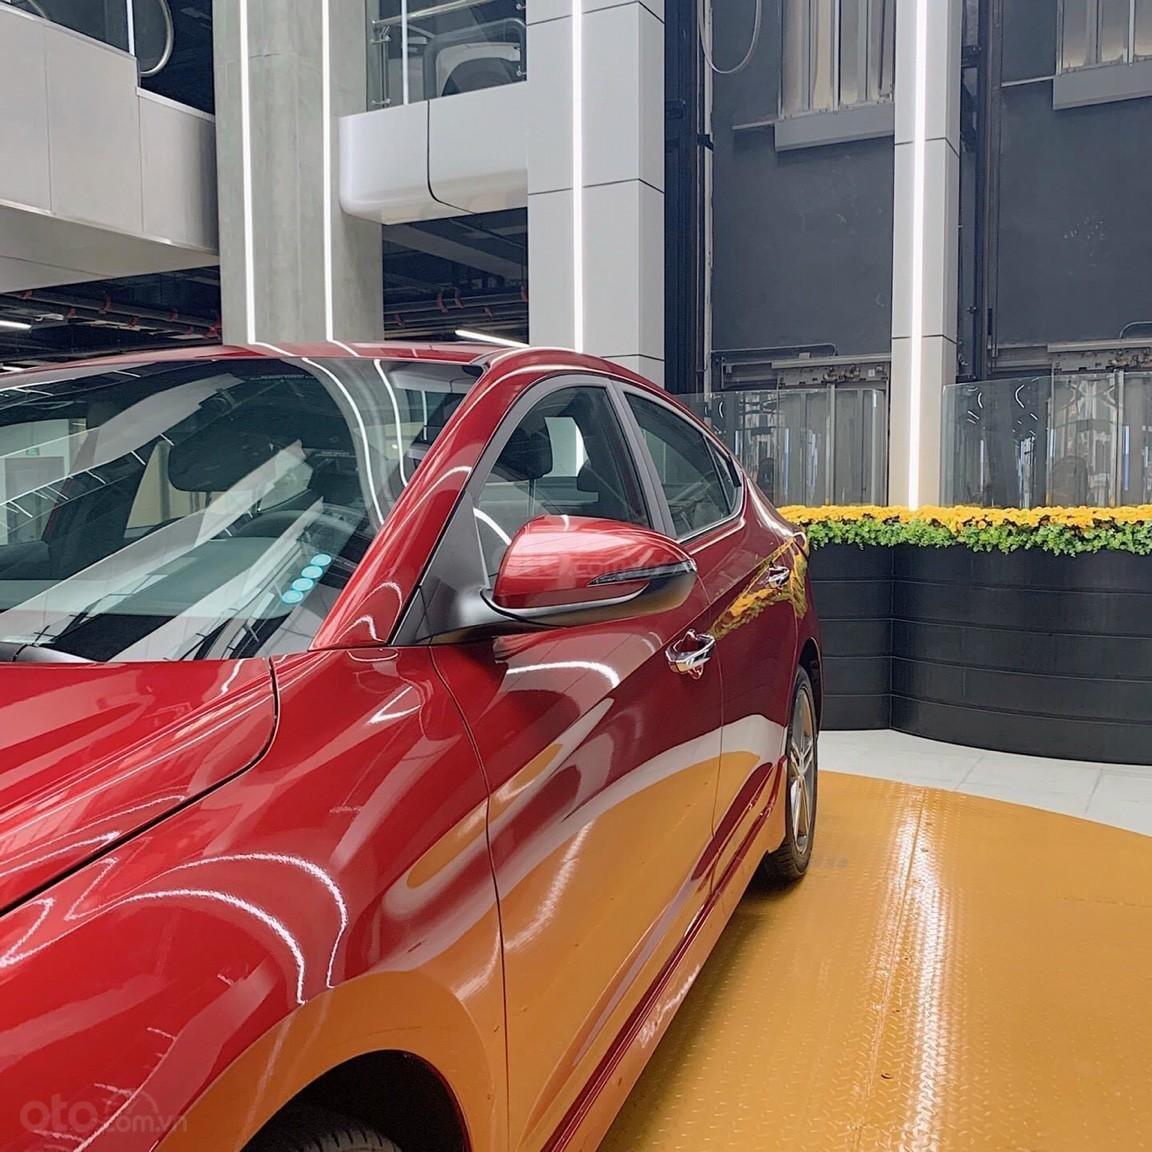 Chỉ từ 150tr đã có xe Hyundai Elantra chính hãng _ giao xe ngay đủ màu + đủ phiên bản, giá tốt nhất miền Nam (10)